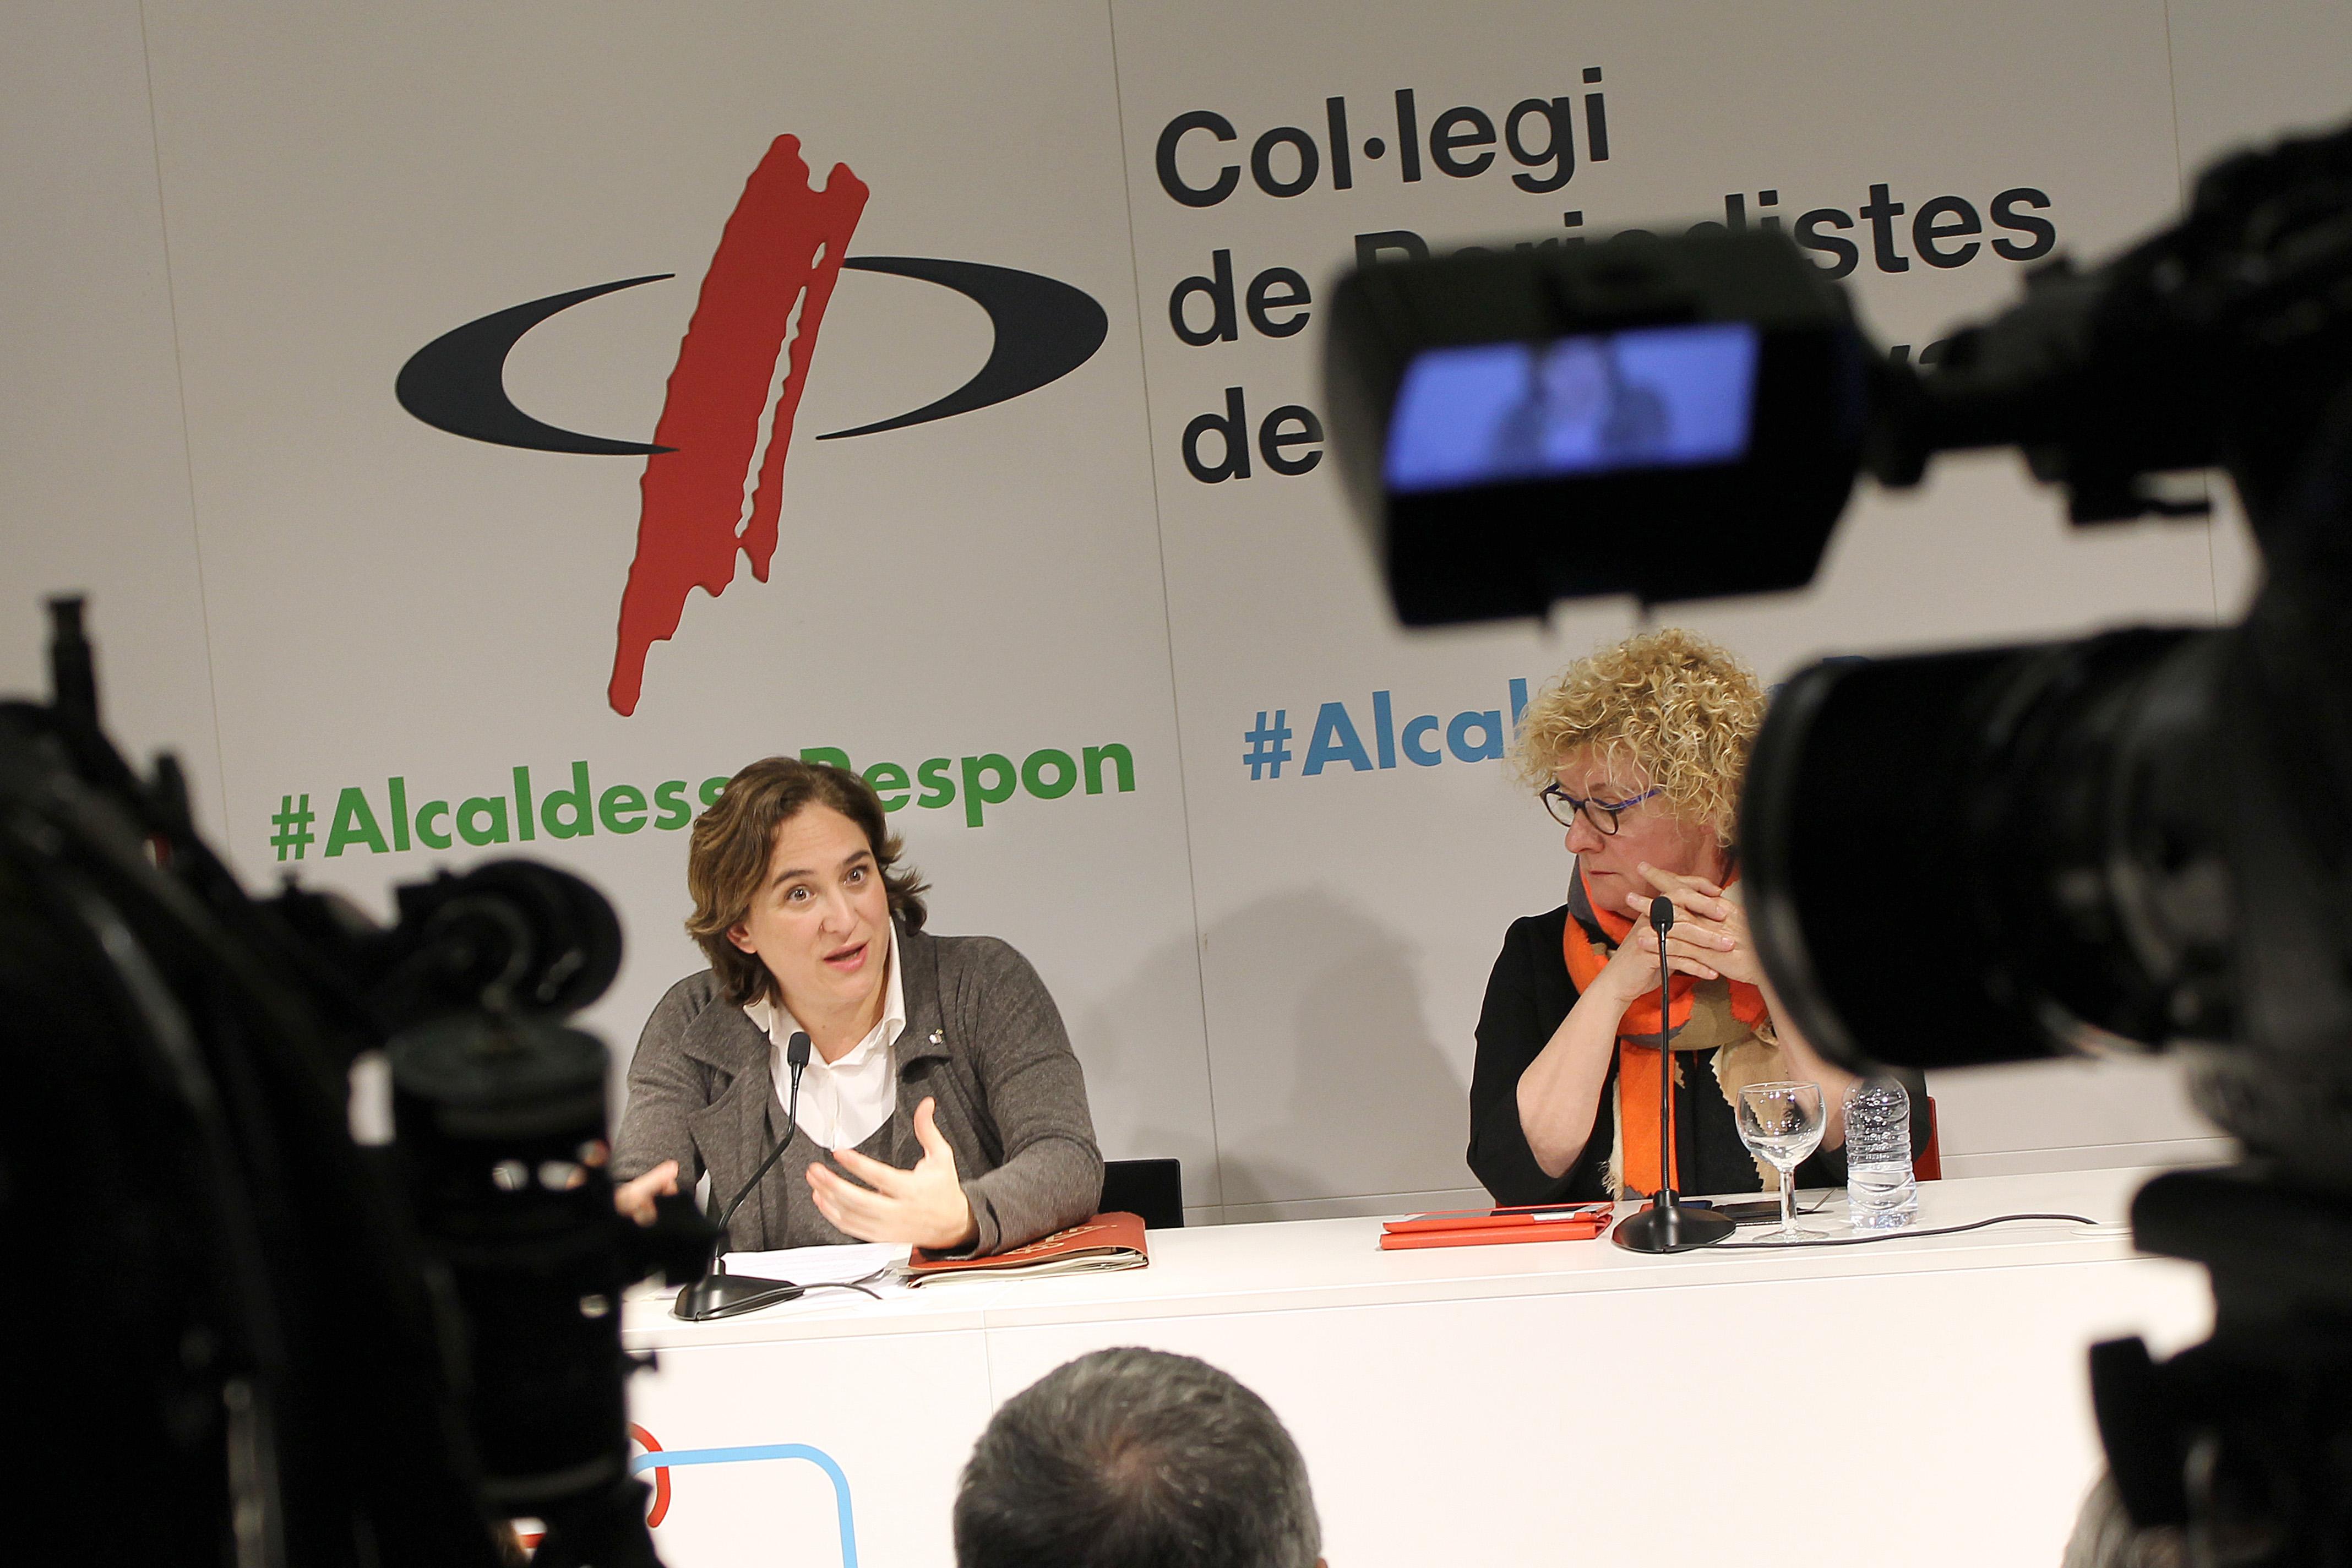 L'alcaldessa de Barcelona, Ada Colau, intervè sota la mirada de la degana del Col·legi, Neus Bonet   Foto: Ignasi Renom